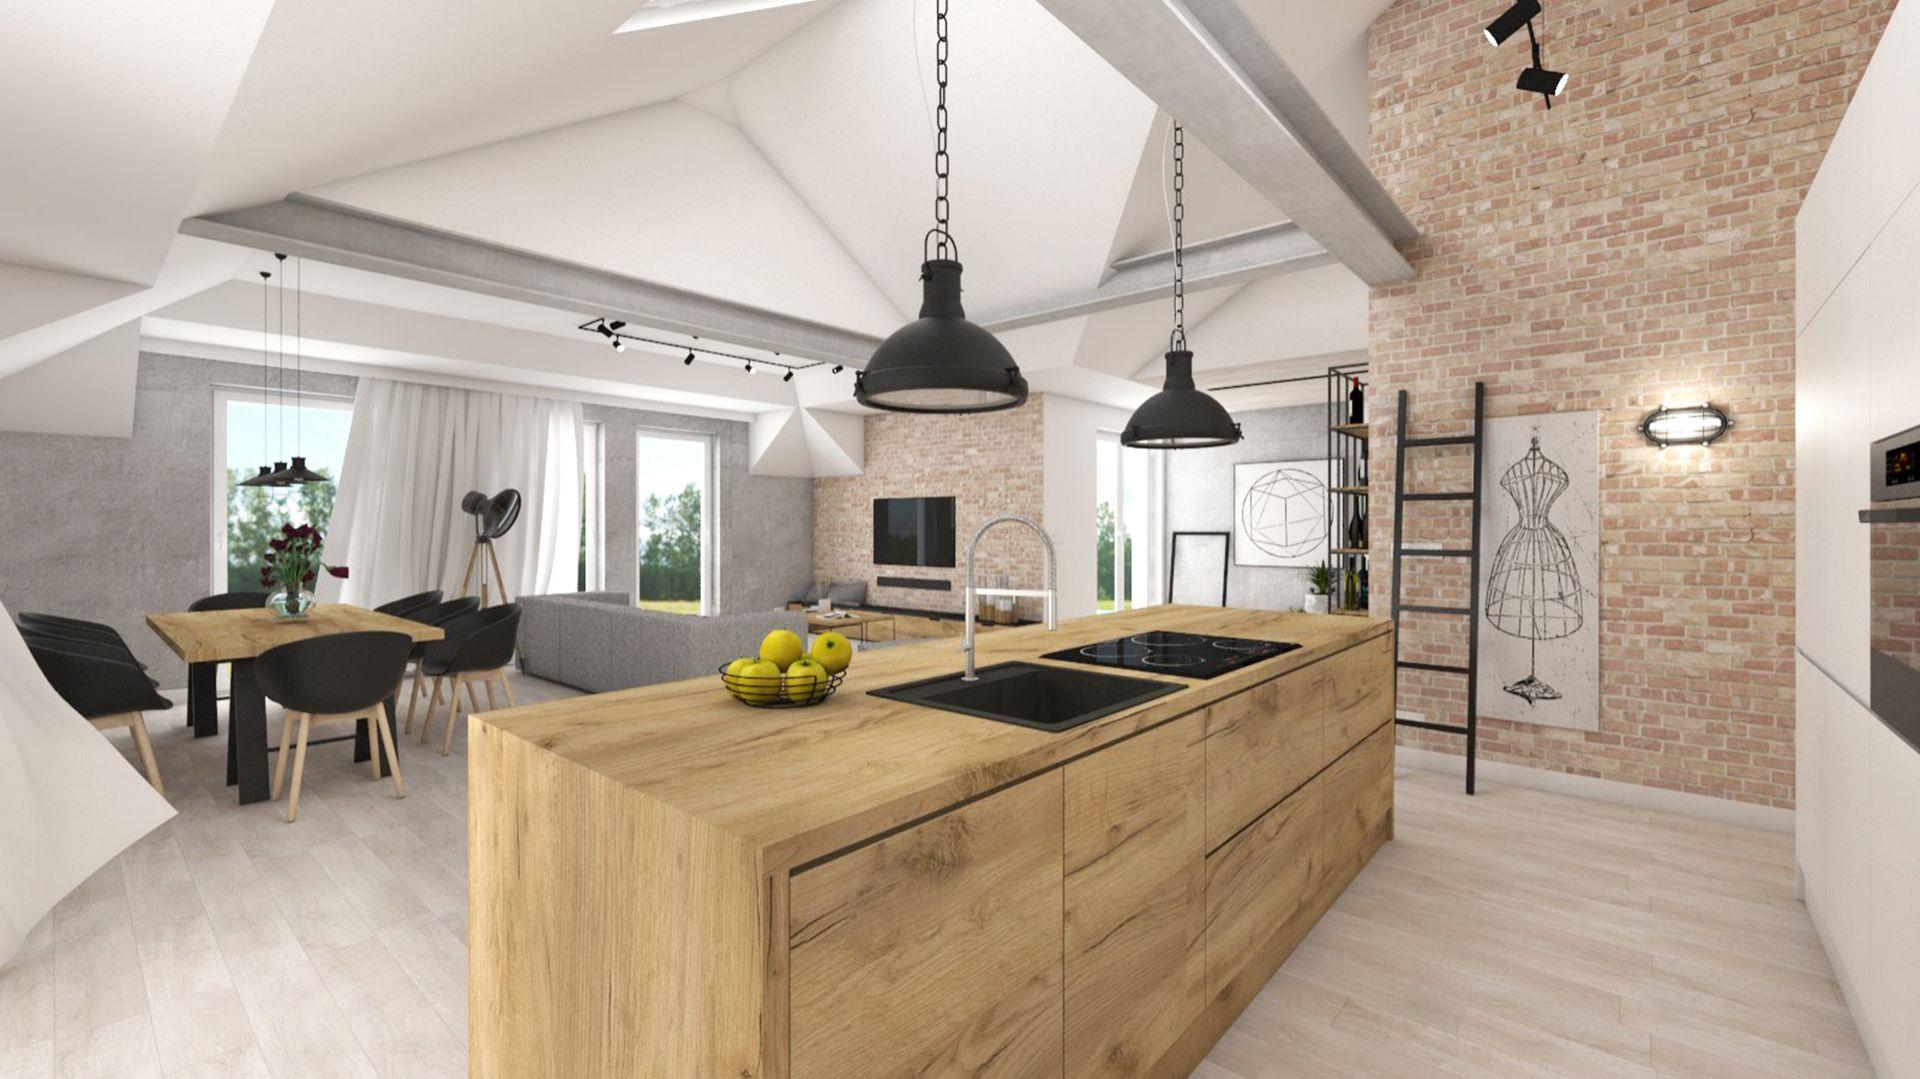 Cegła, naturalne drewno, widoczne elementy konstrukcyjne - surowa przestrzeń sprzyja wyciszeniu i jest bardzo funkcjonalna. Projekt i zdjęcie: Natalia Robaszkiewicz (Boske Art)